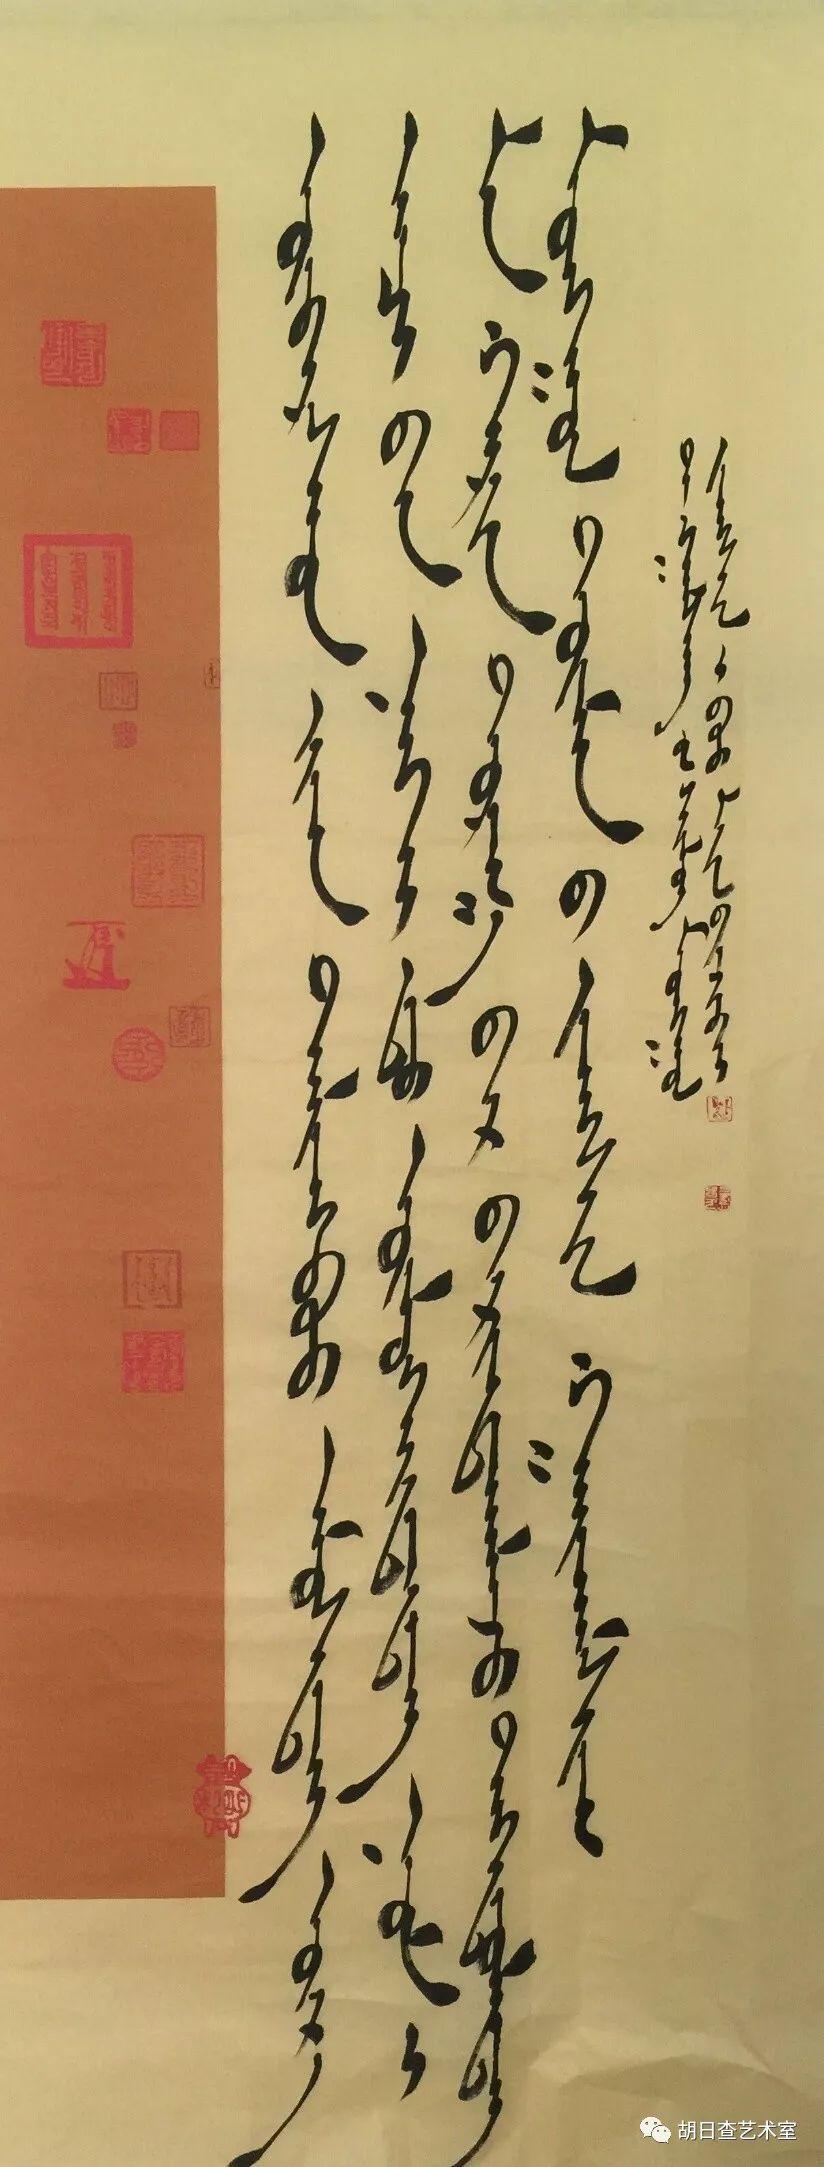 敖宝林 • 蒙古文书法作品欣赏 第6张 敖宝林 • 蒙古文书法作品欣赏 蒙古书法